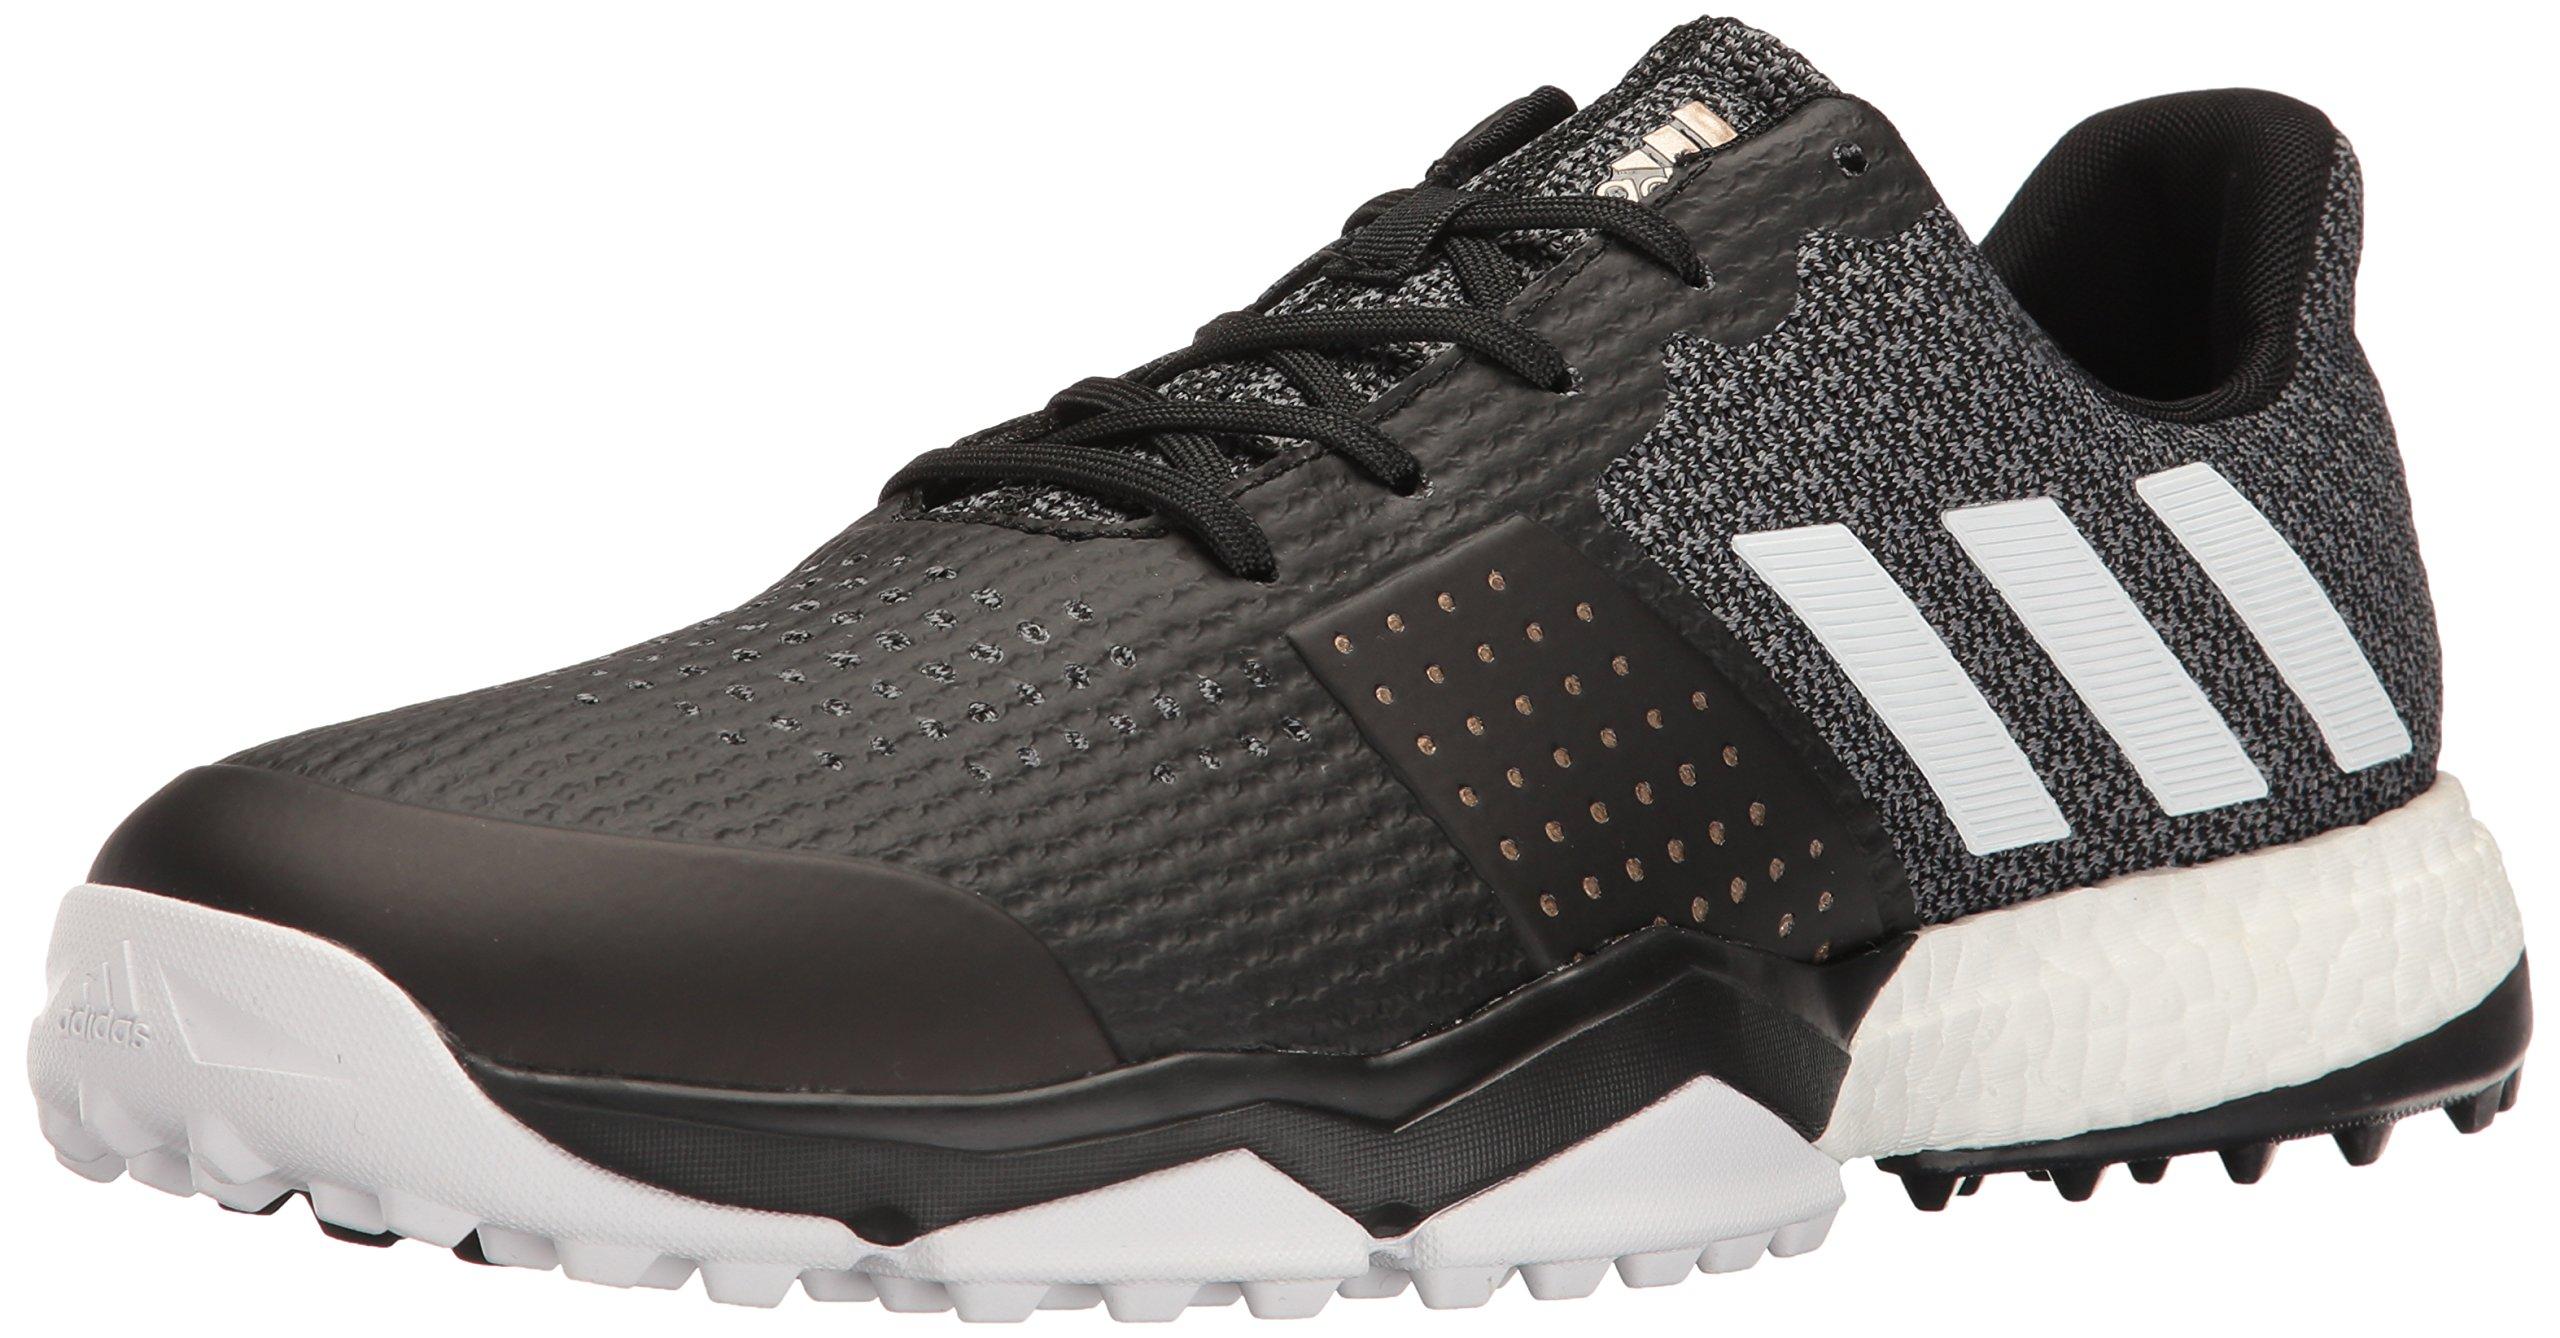 5c3e038e8c7ea7 Galleon - Adidas Men s Adipower S Boost 3 Golf Shoe